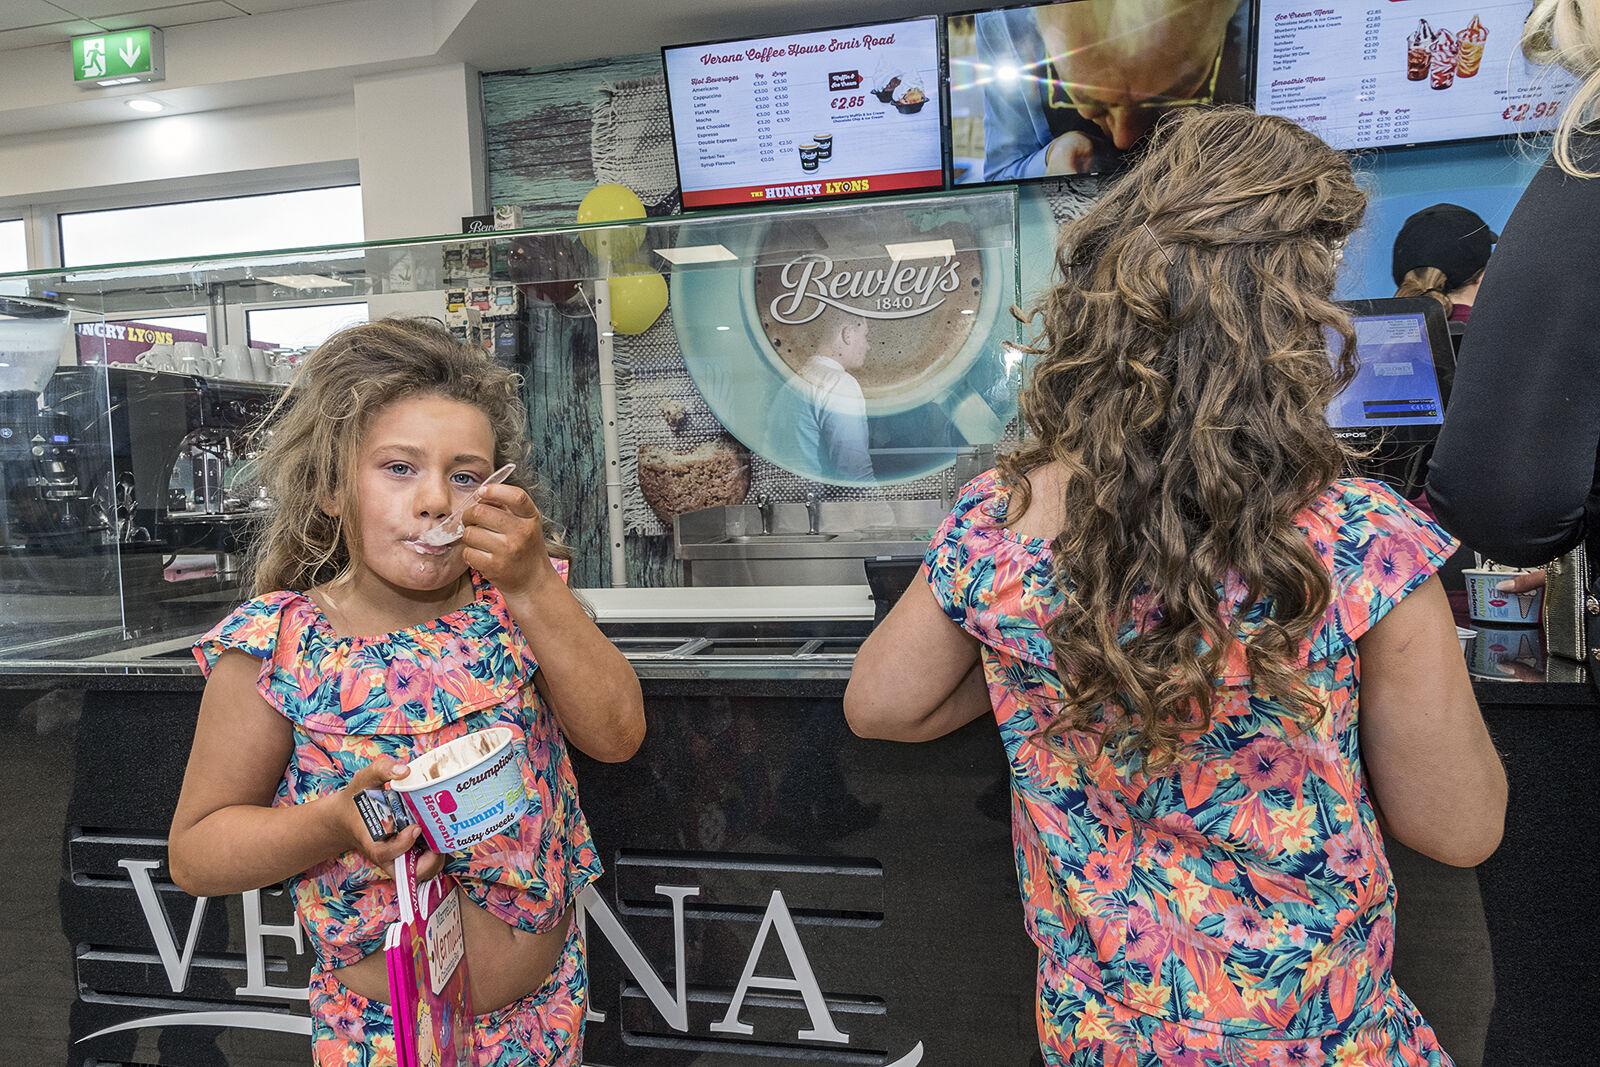 Faulkner Girl having Ice Cream, Limerick, Ireland 2020